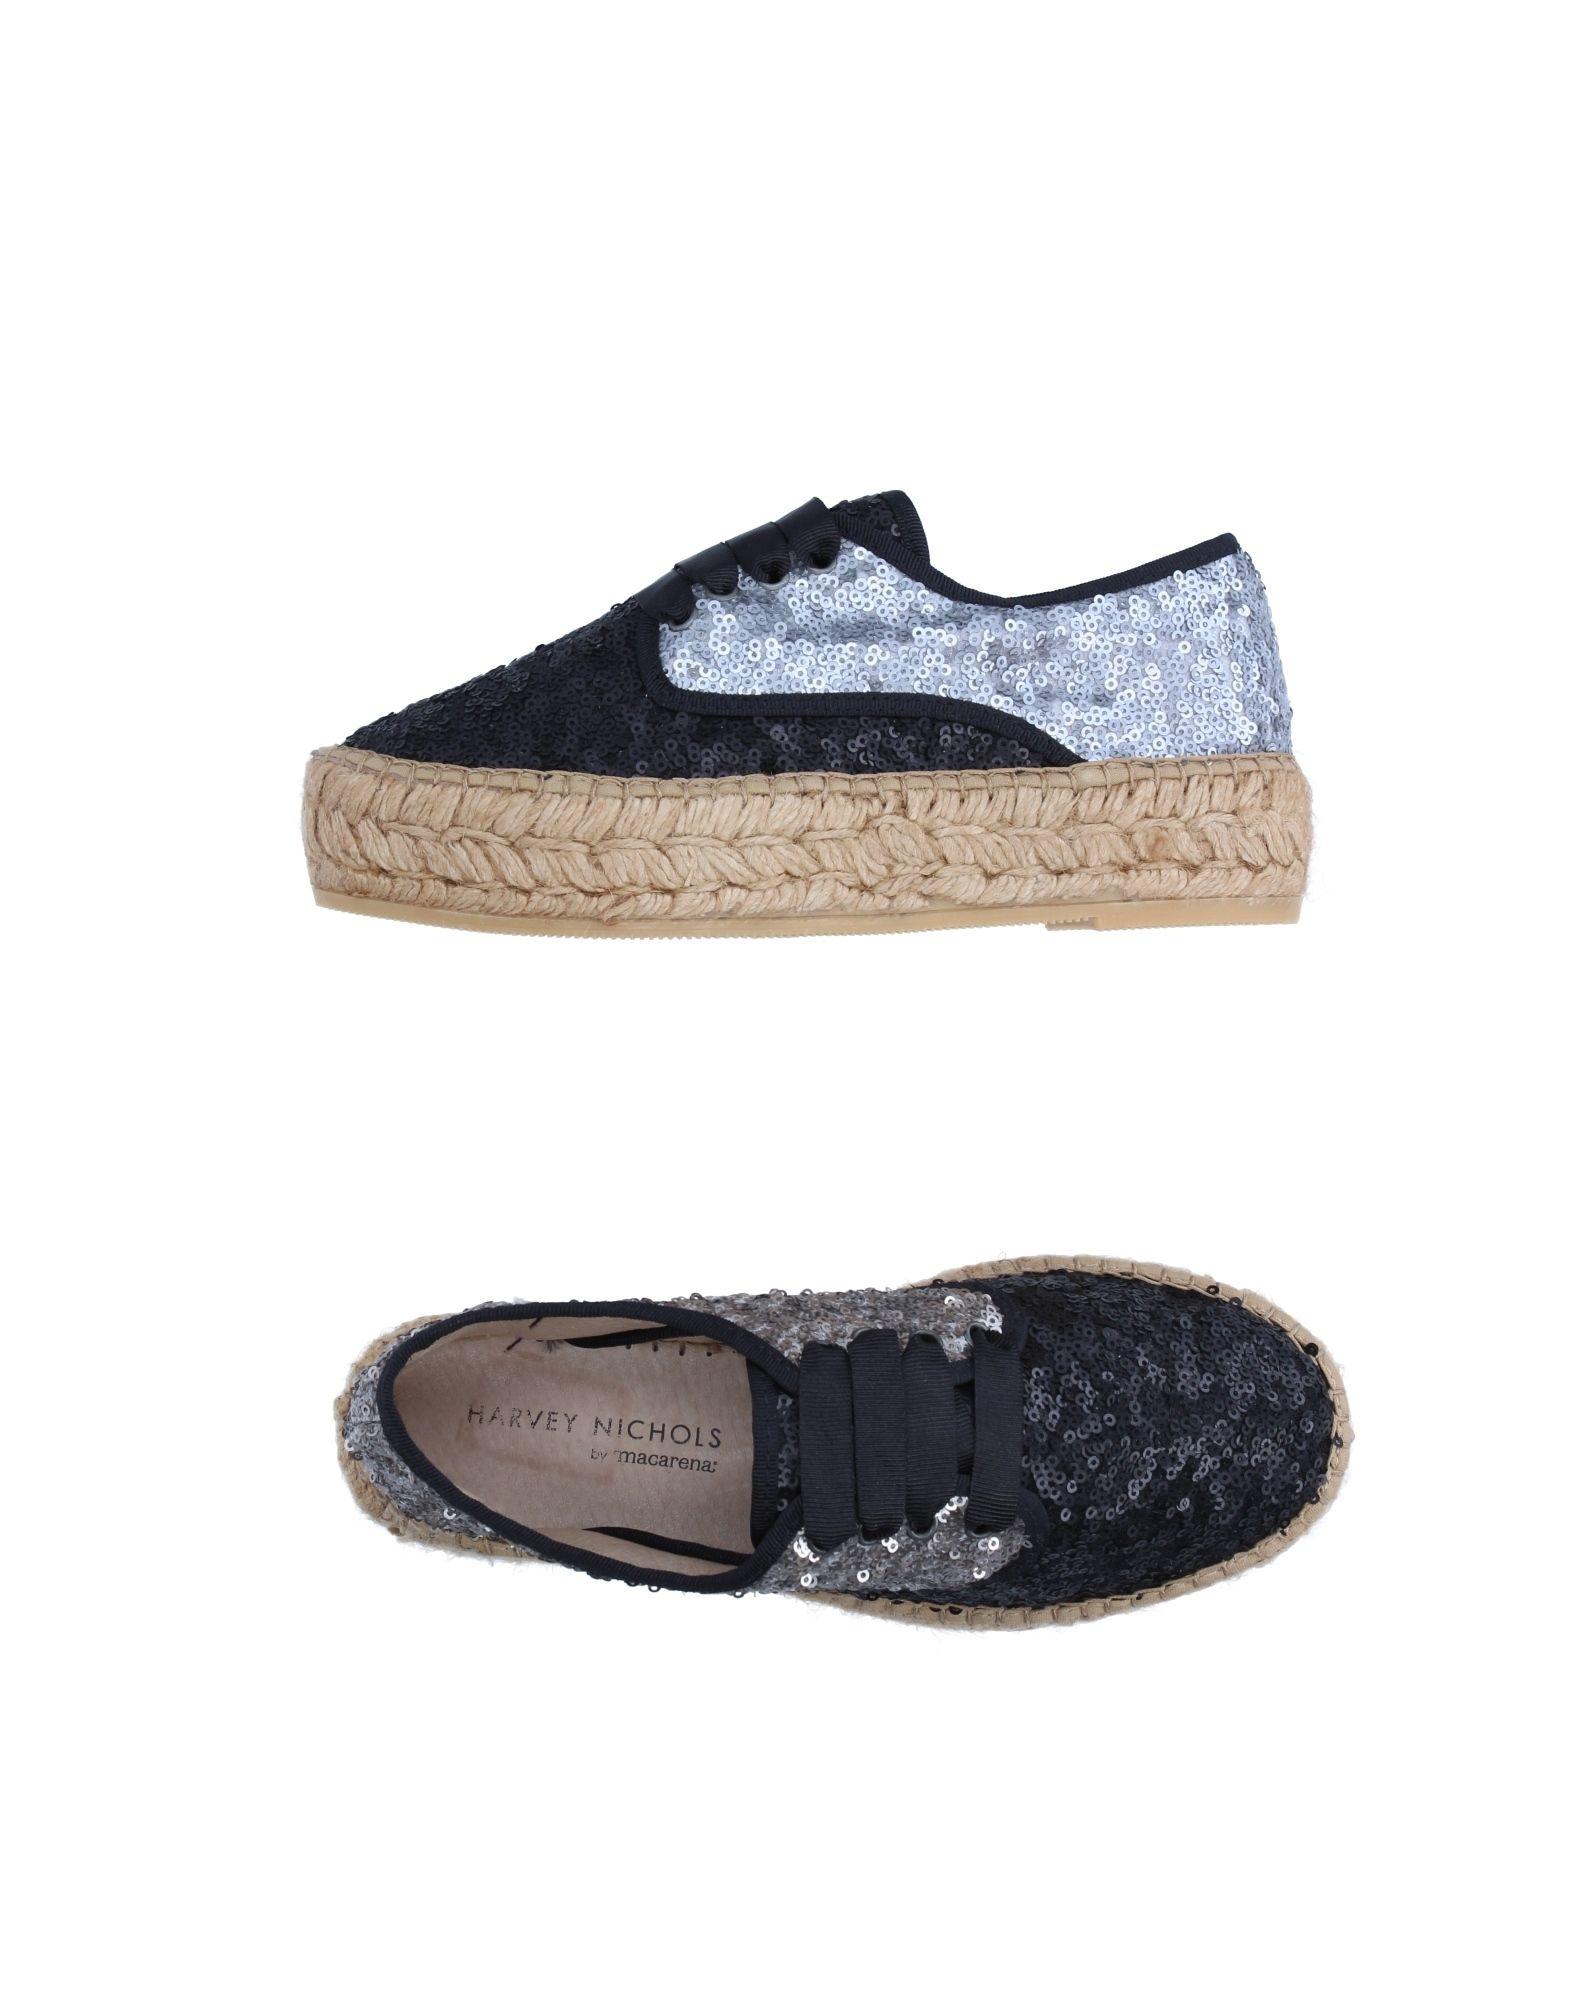 HARVEY NICHOLS by MACARENA® Обувь на шнурках harvey nichols by macarena® эспадрильи